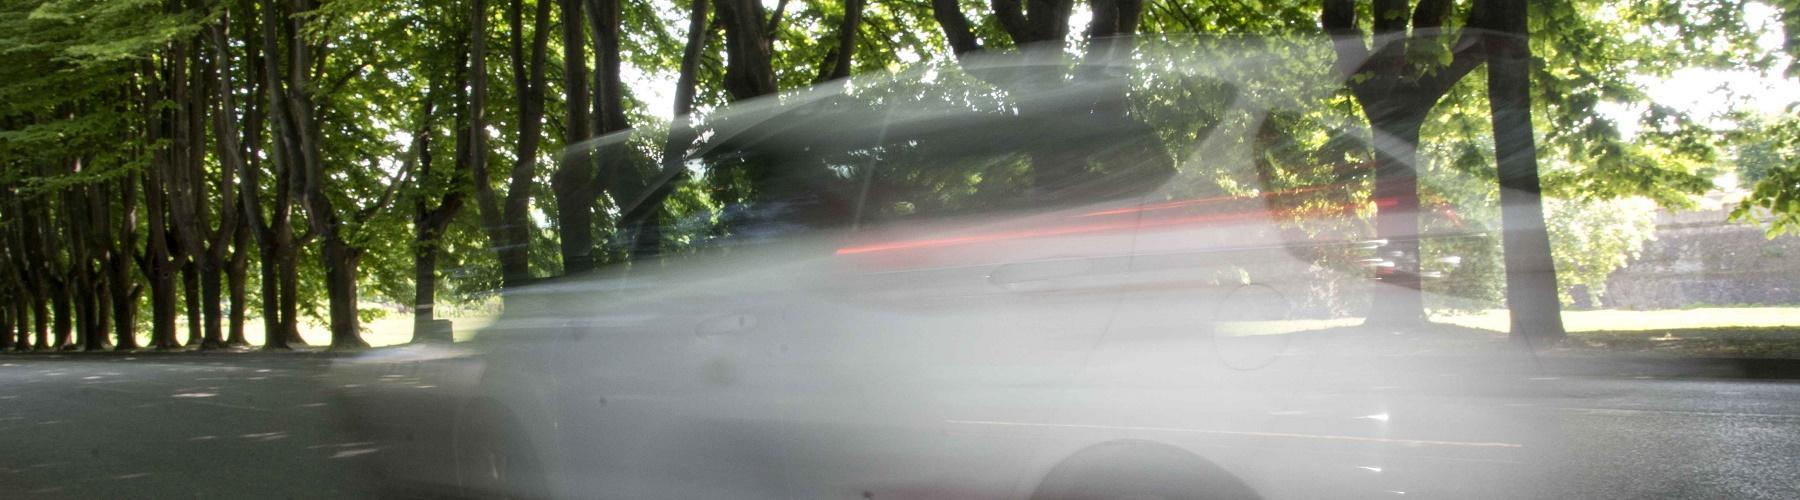 Come arrivare a Lucca in auto